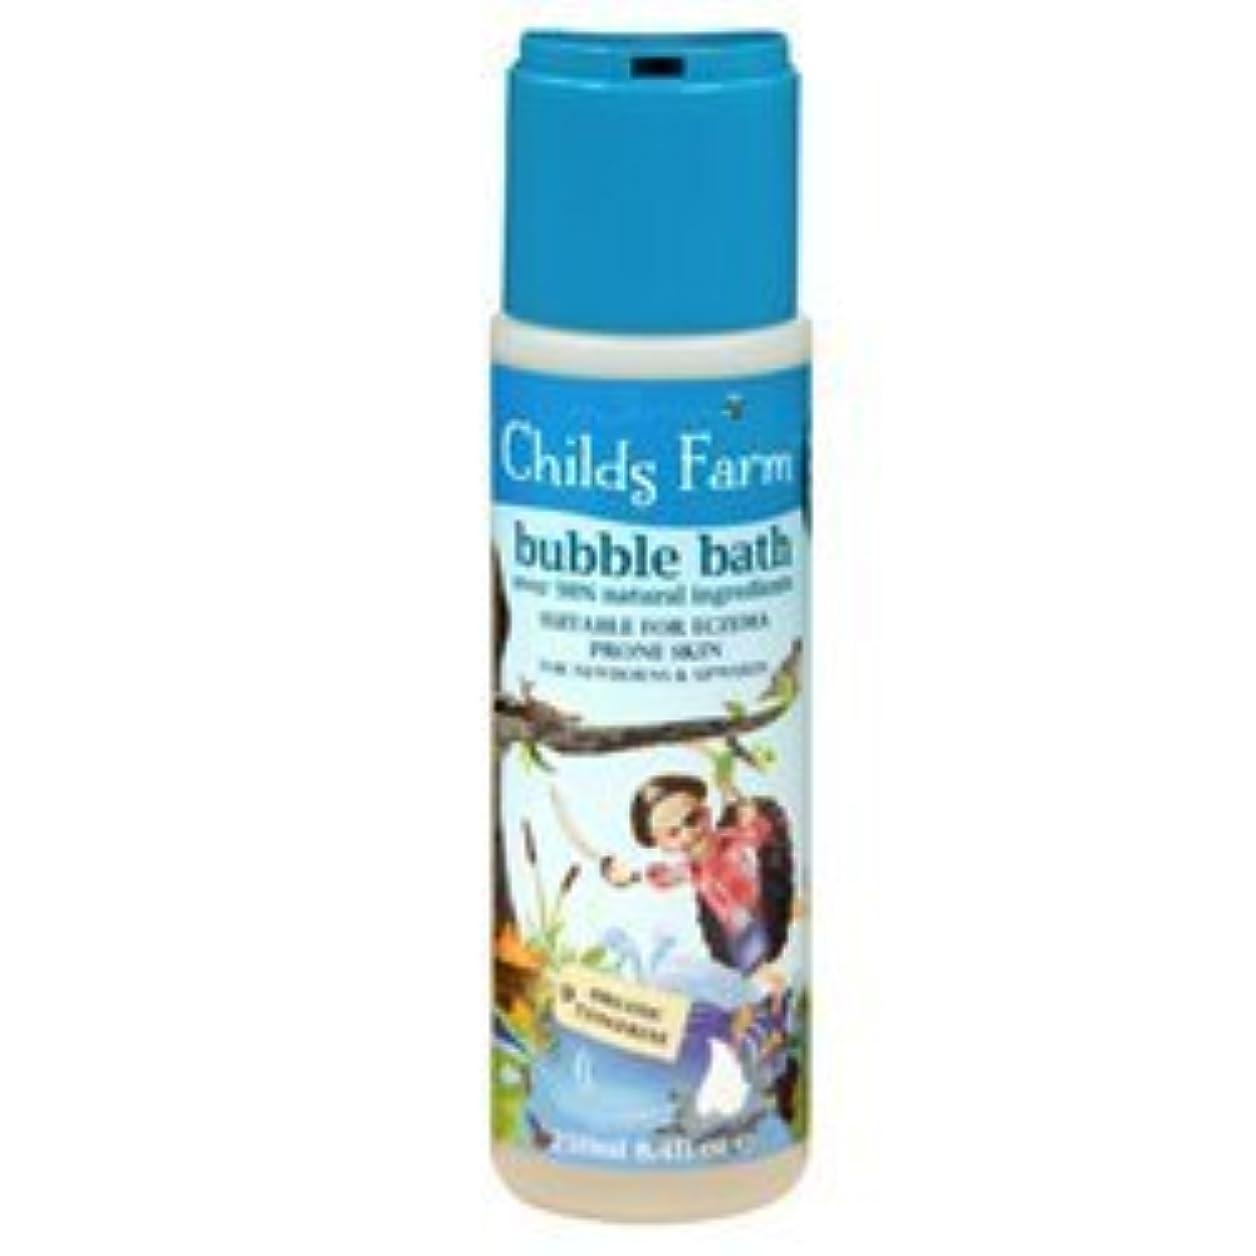 マイクロプロセッサスリーブエステートChilds Farm Bubble bath for Buccaneers 250ml x 1 by Childs Farm [並行輸入品]